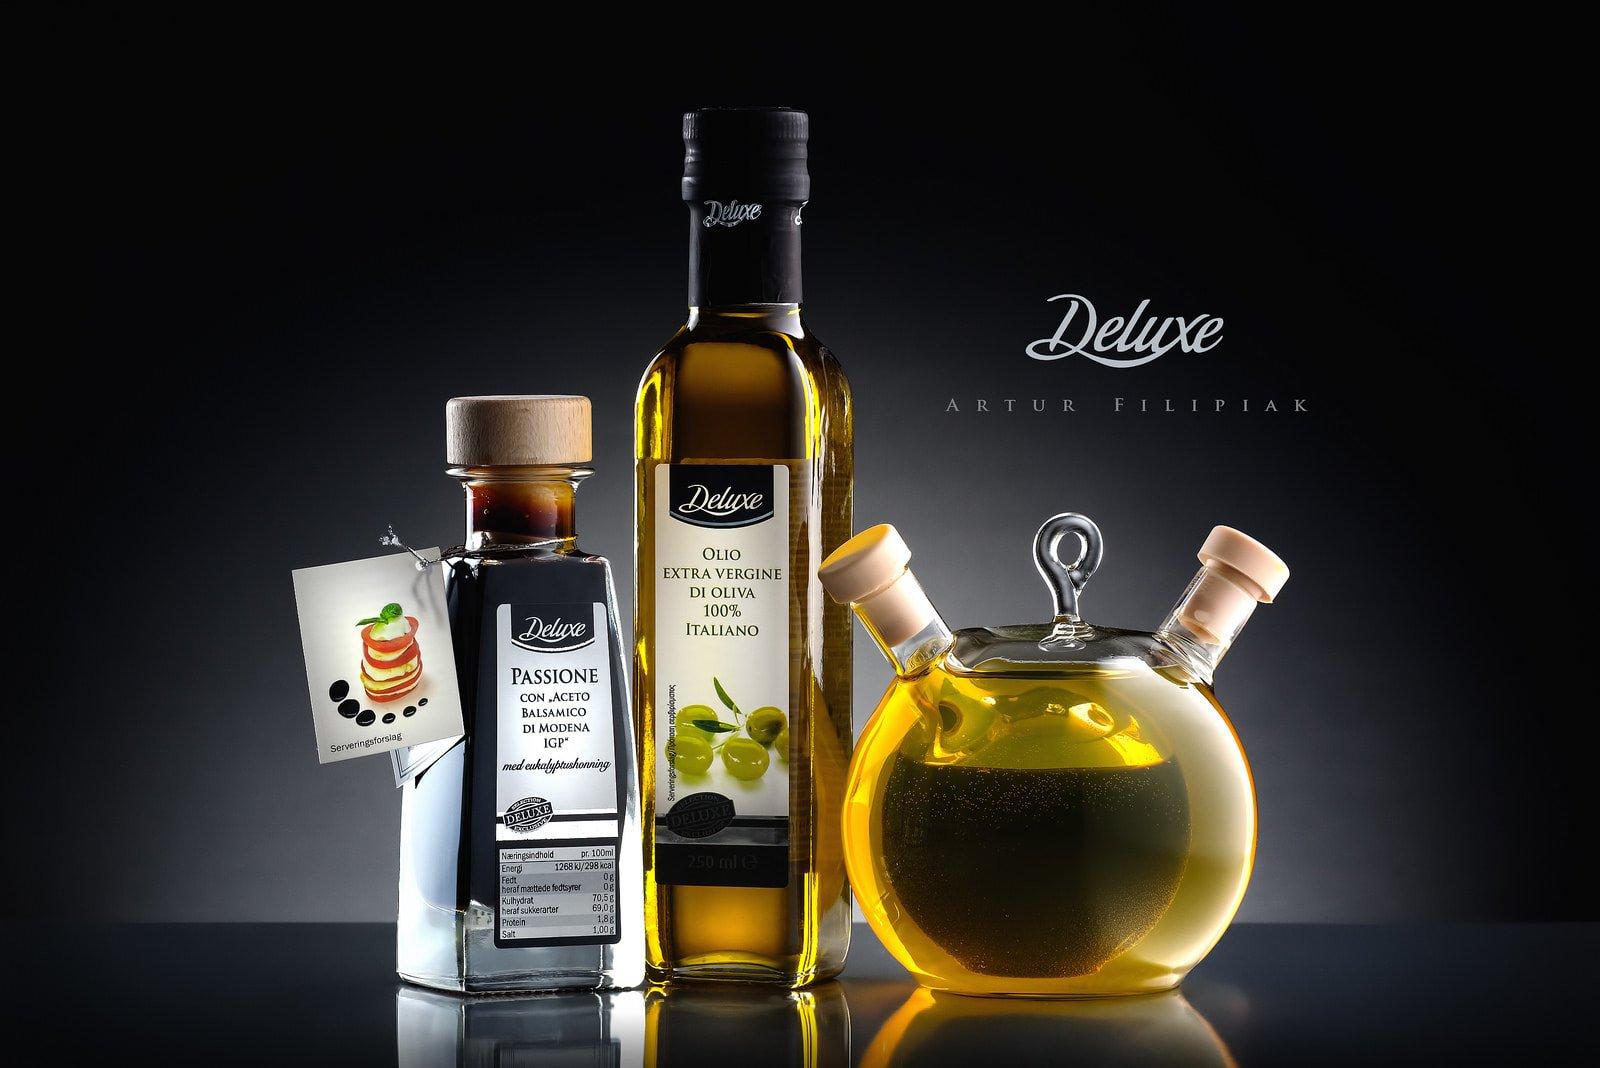 La foto de producto destaca el color y la textura